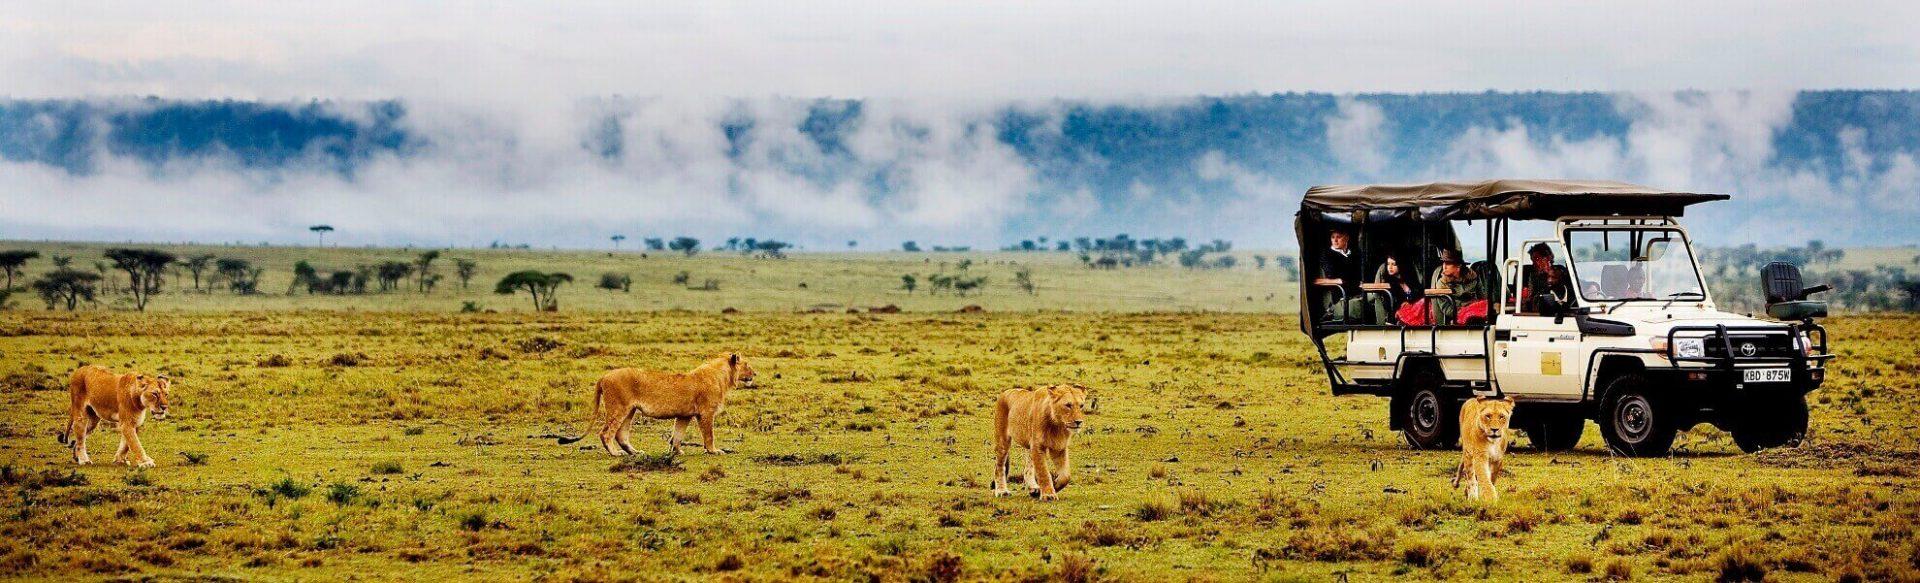 Löwen während einer Pirschfahrt im Masai Mara Reservat Kenia